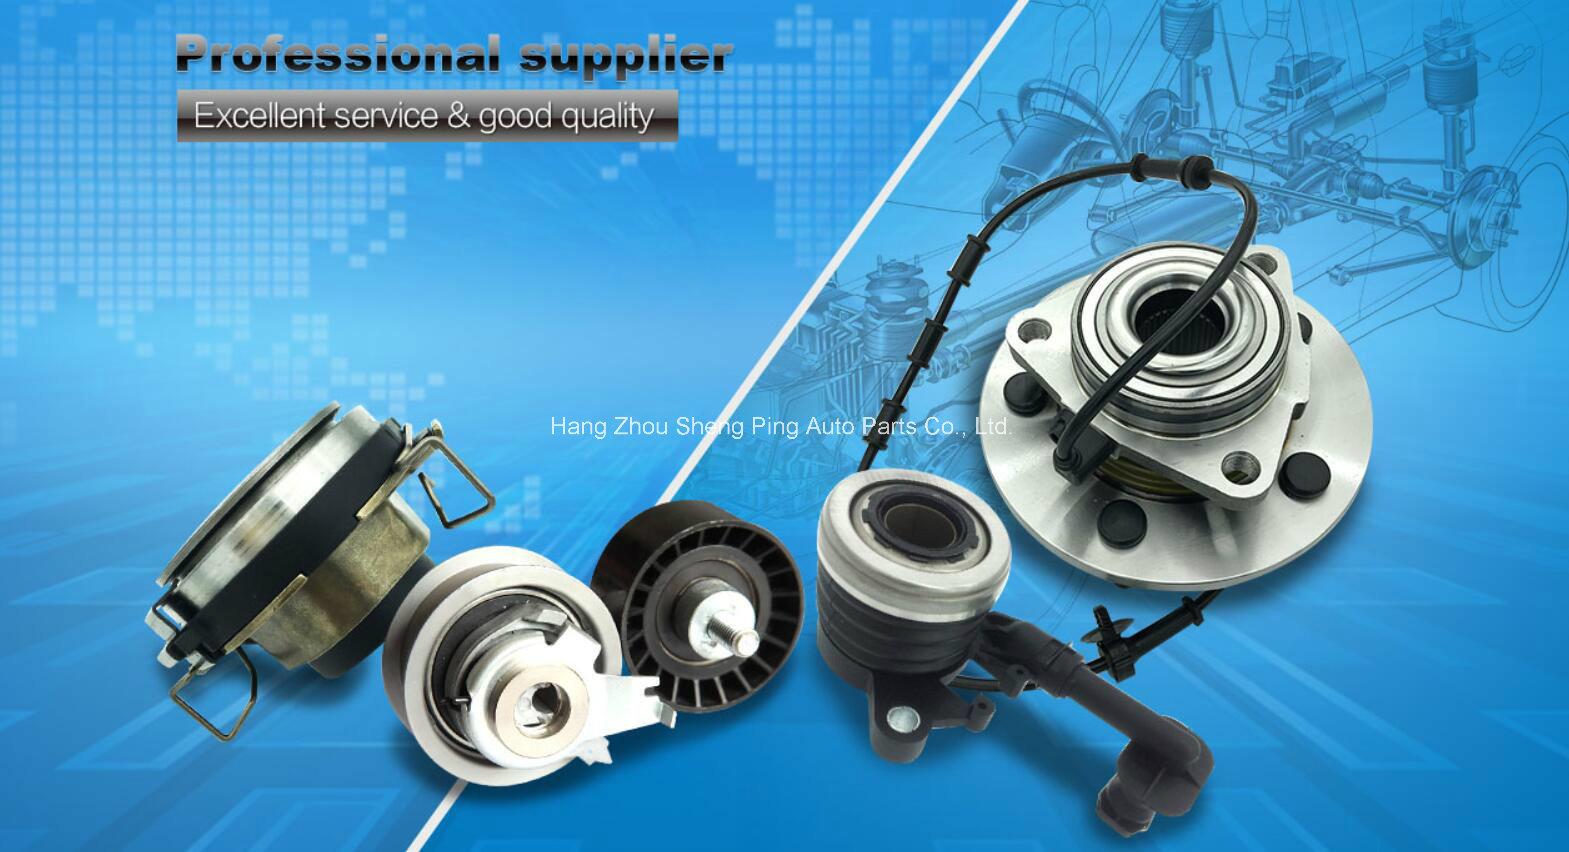 Wheel Hub Bearing Kit for Audi A4 Avant Vkba3519455